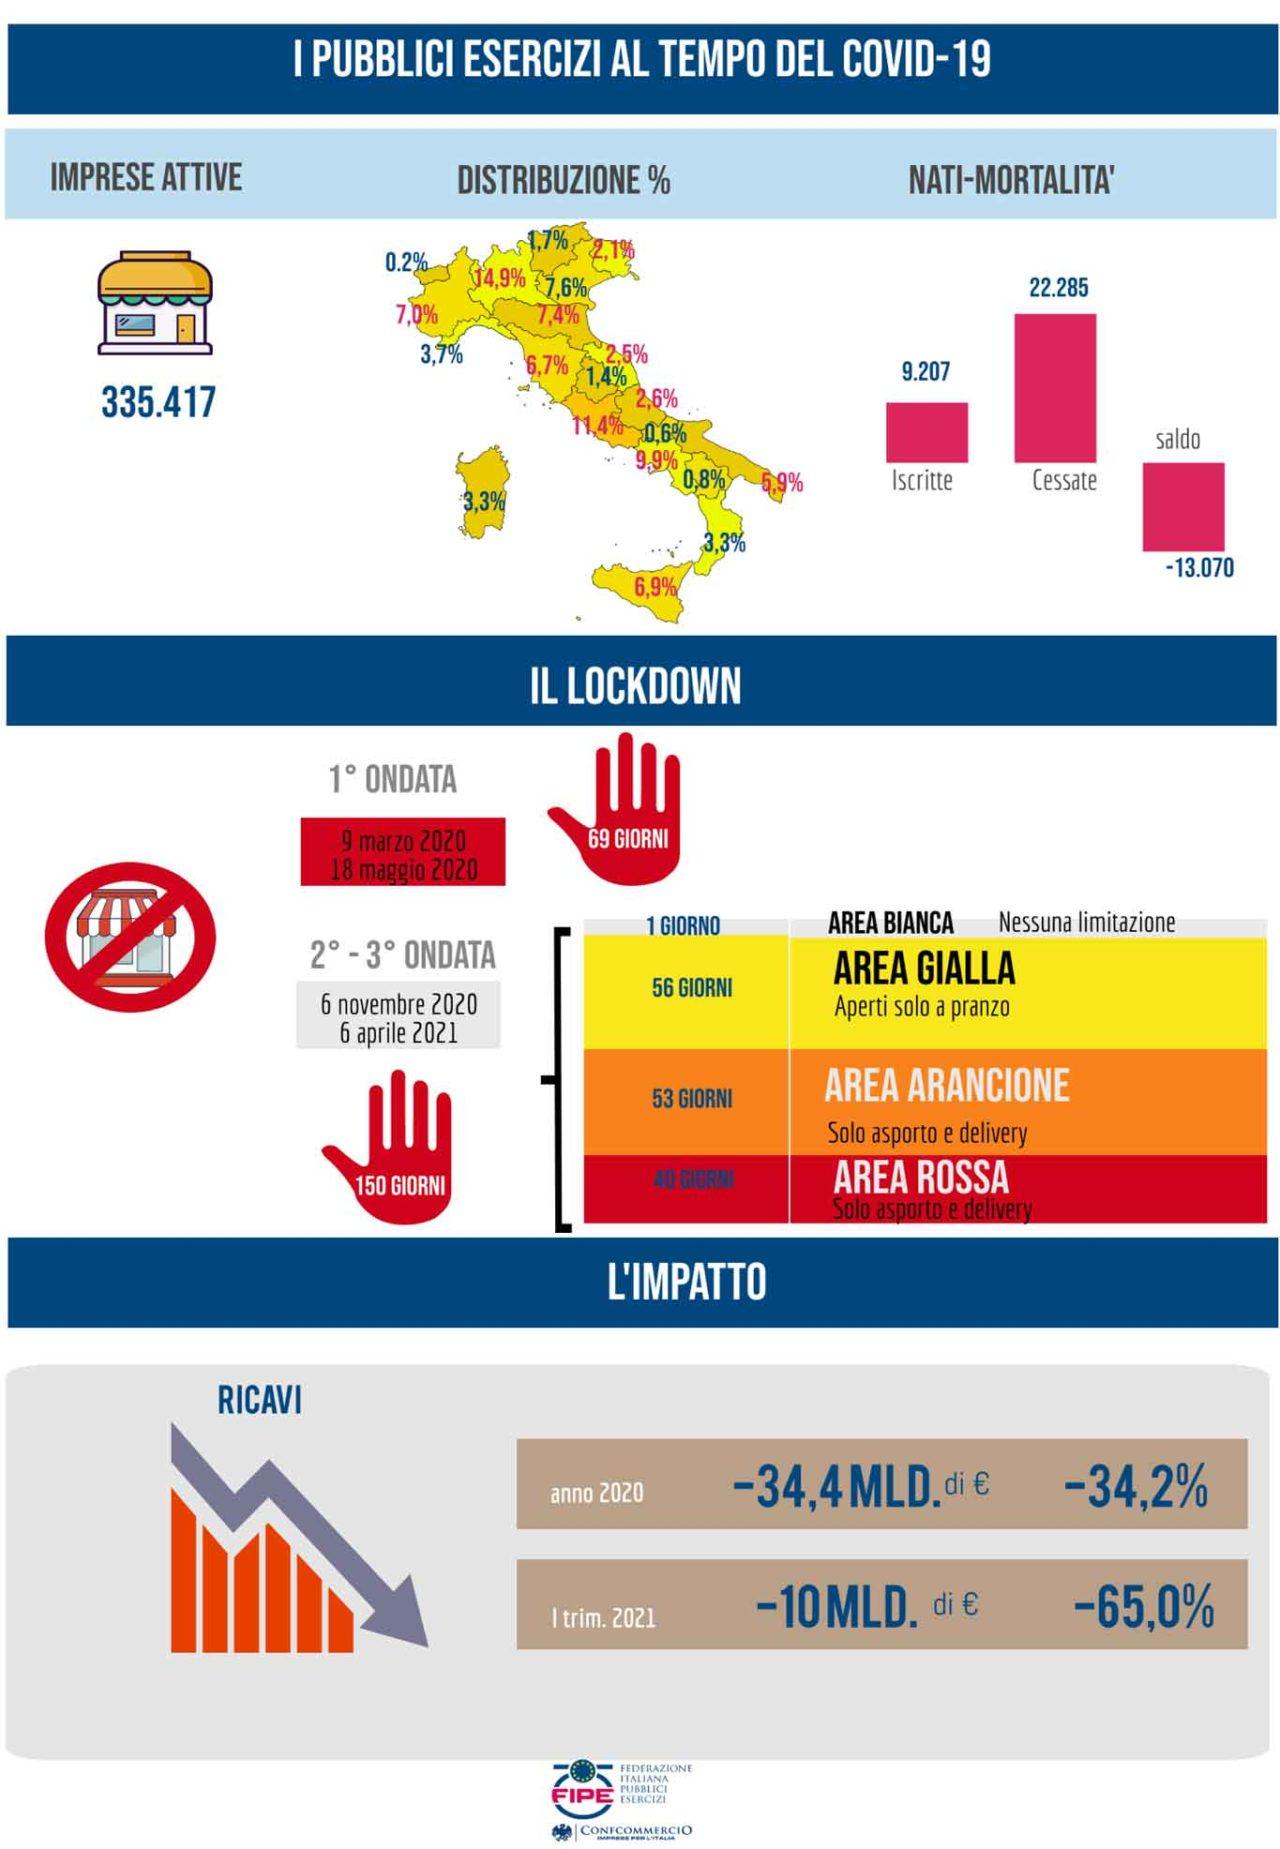 infografiche fipe aprile2021 lockdown e riaperture dei ristoranti